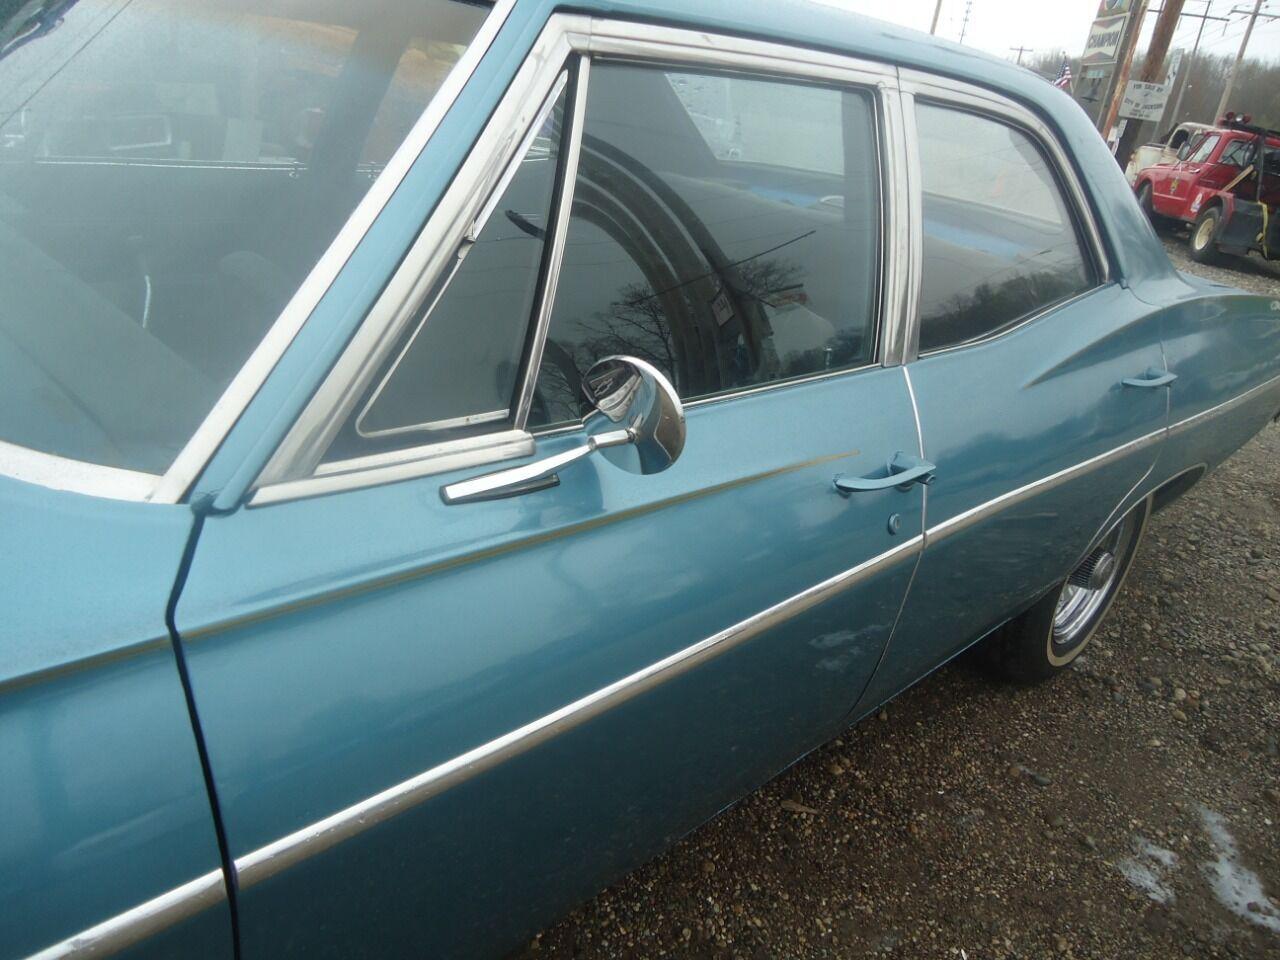 1968 Chevrolet Impala 25